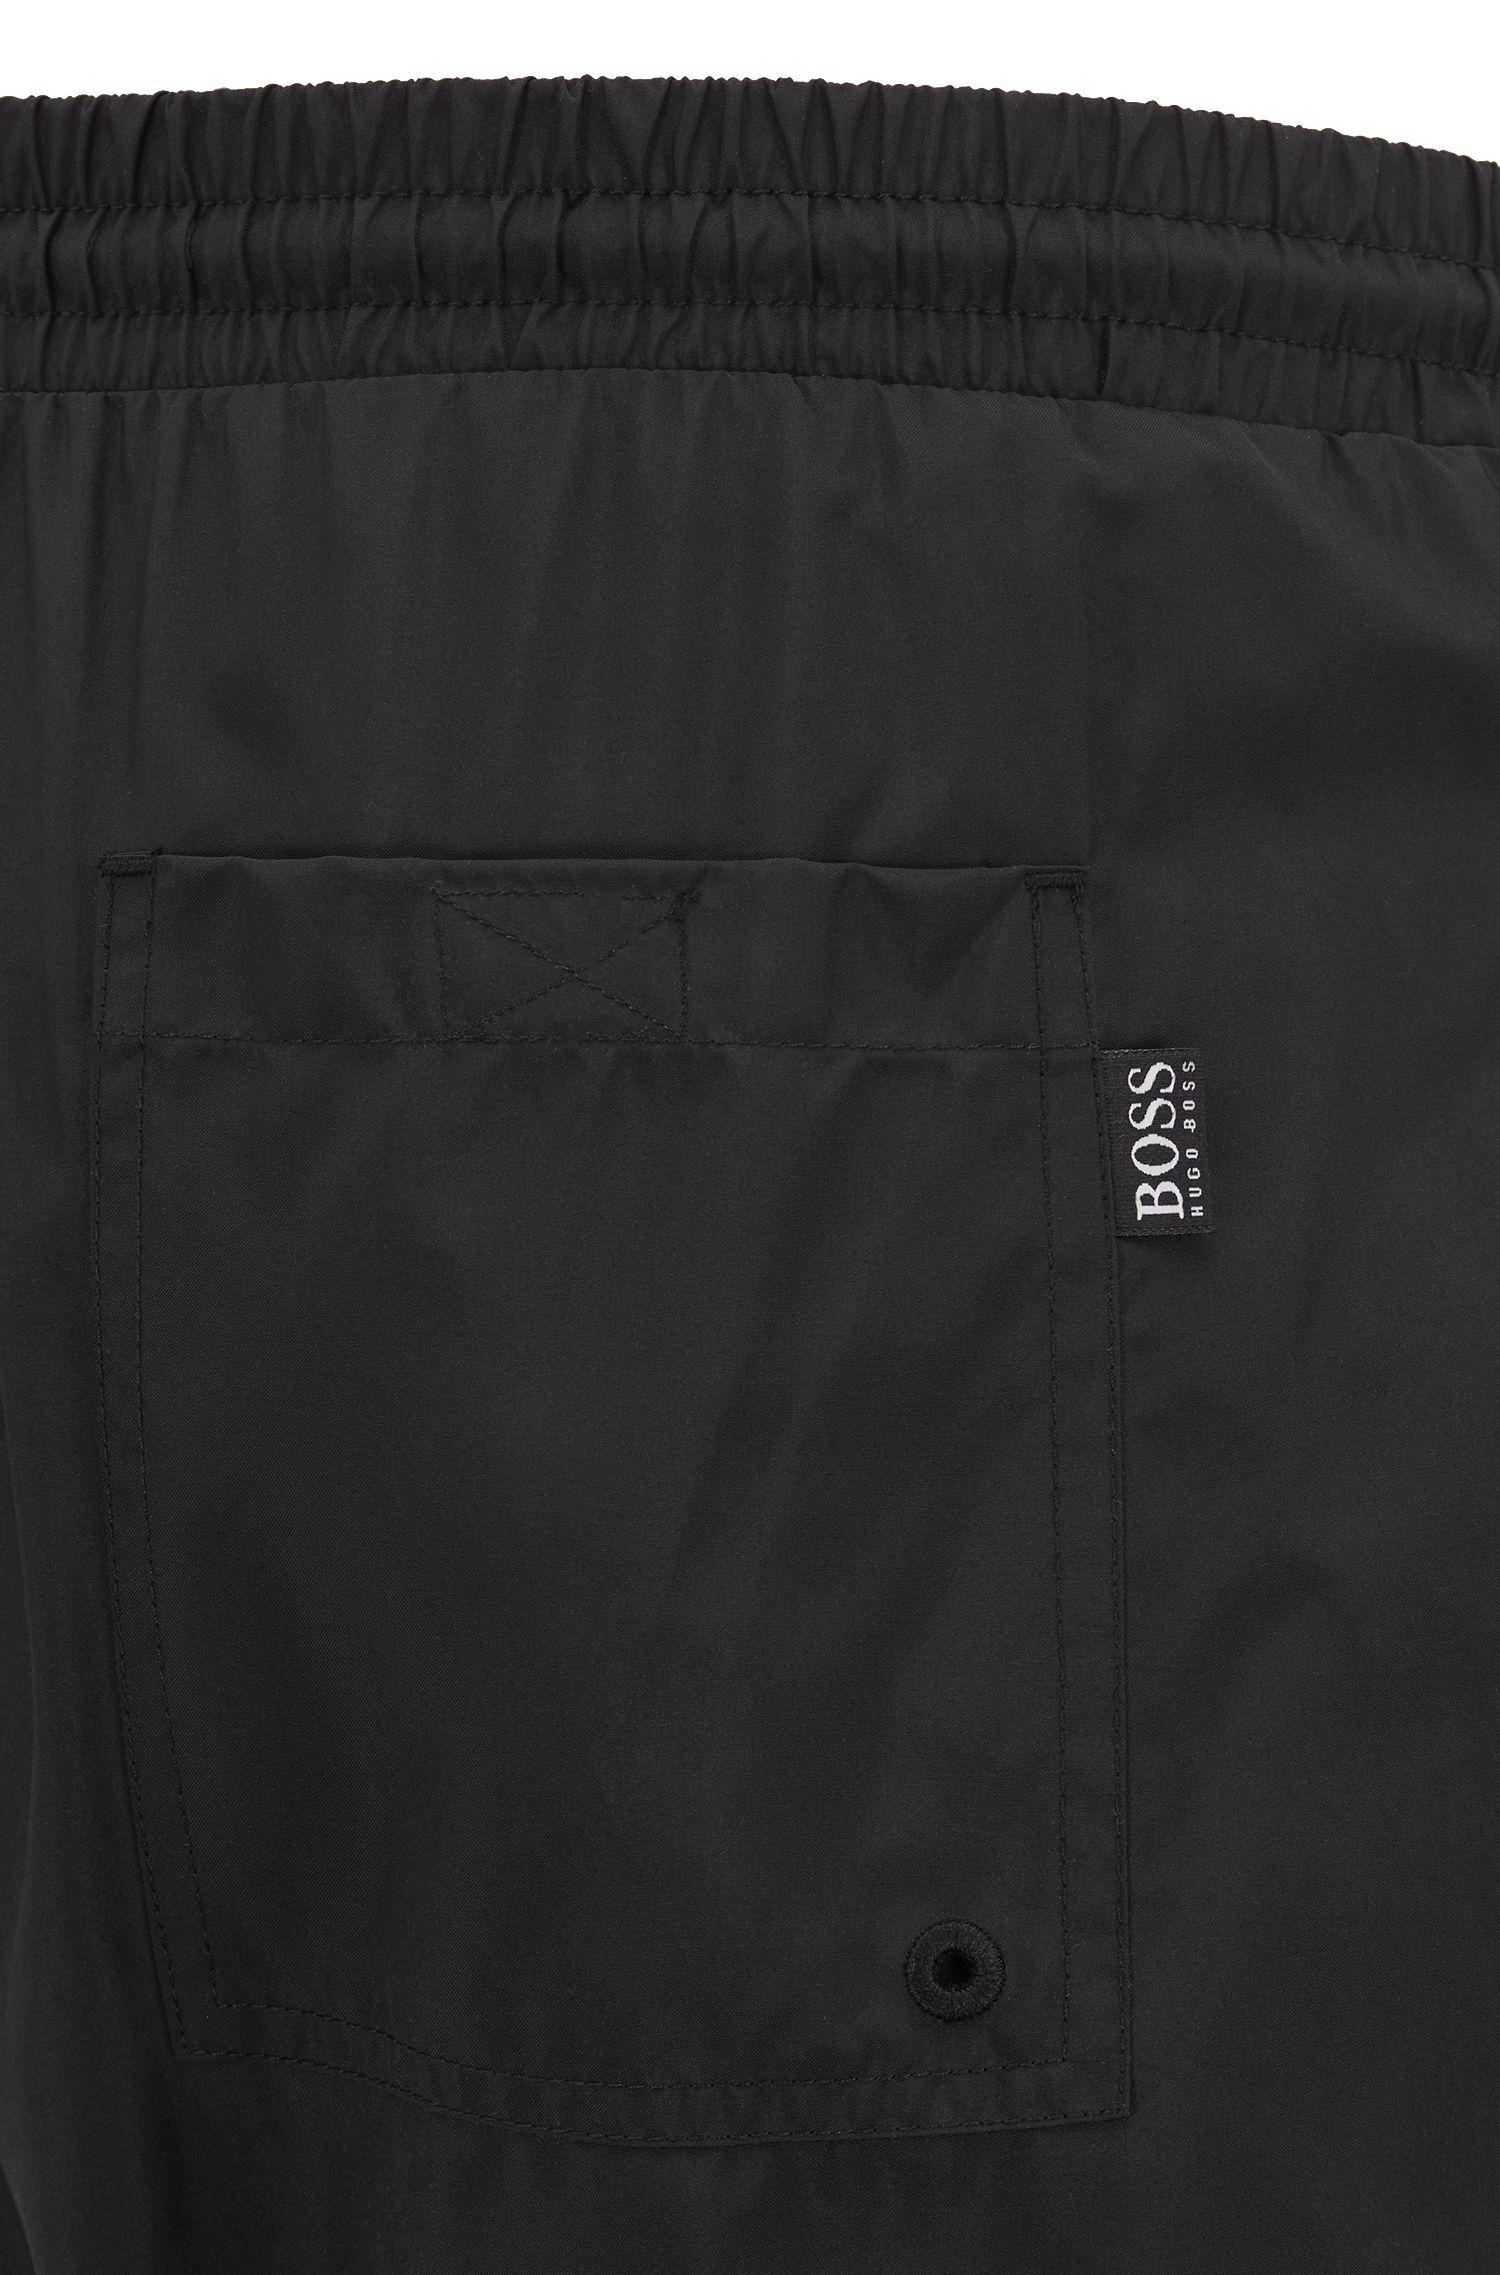 Medium-length swim shorts in quick-dry fabric, Black